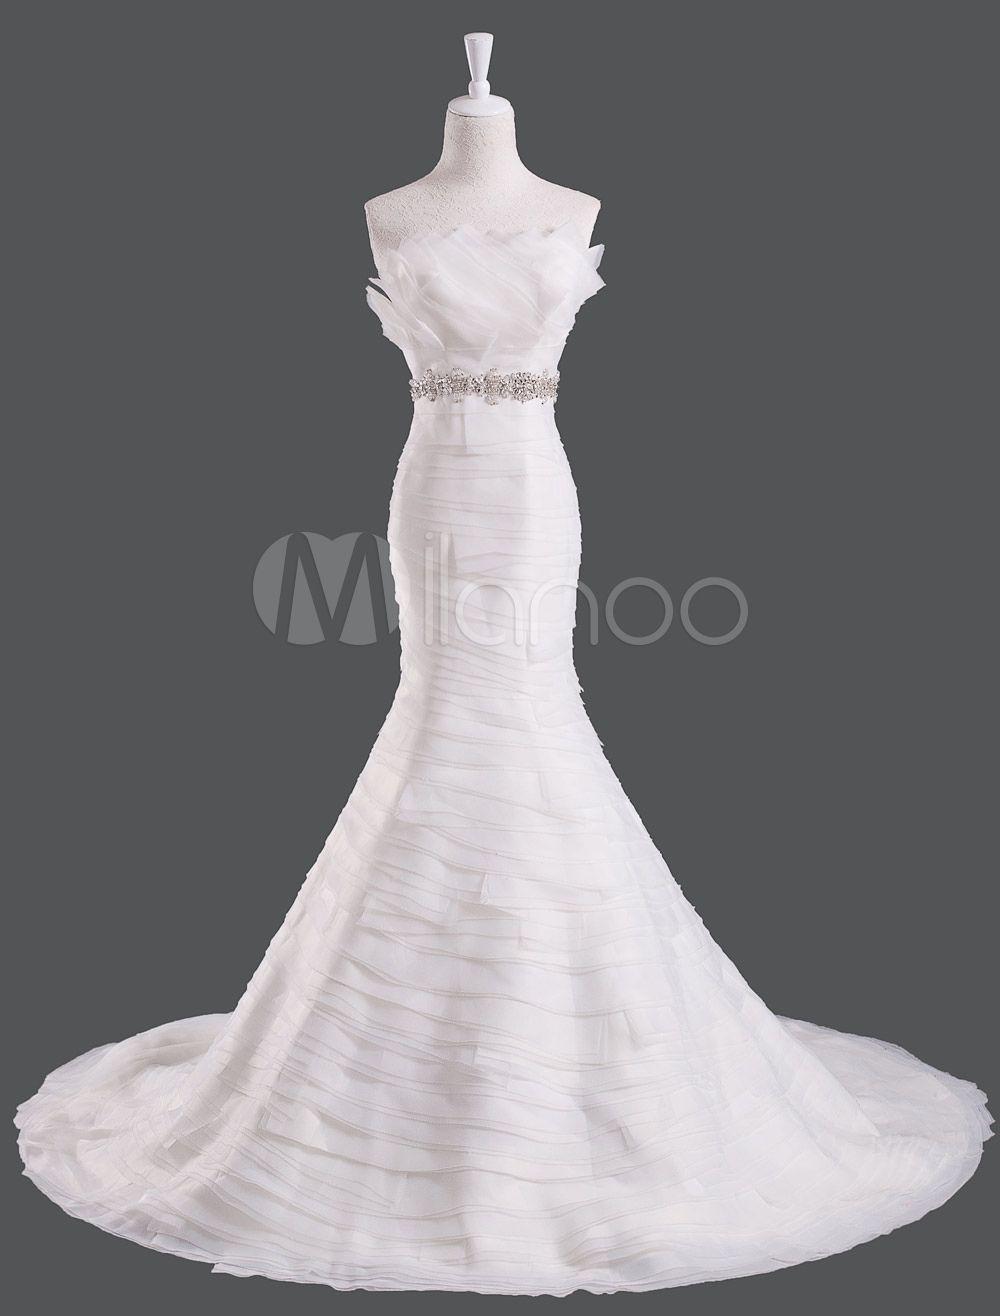 Elegant Ivory Rhinestone Organza Feather Mermaid Wedding Dress with ...